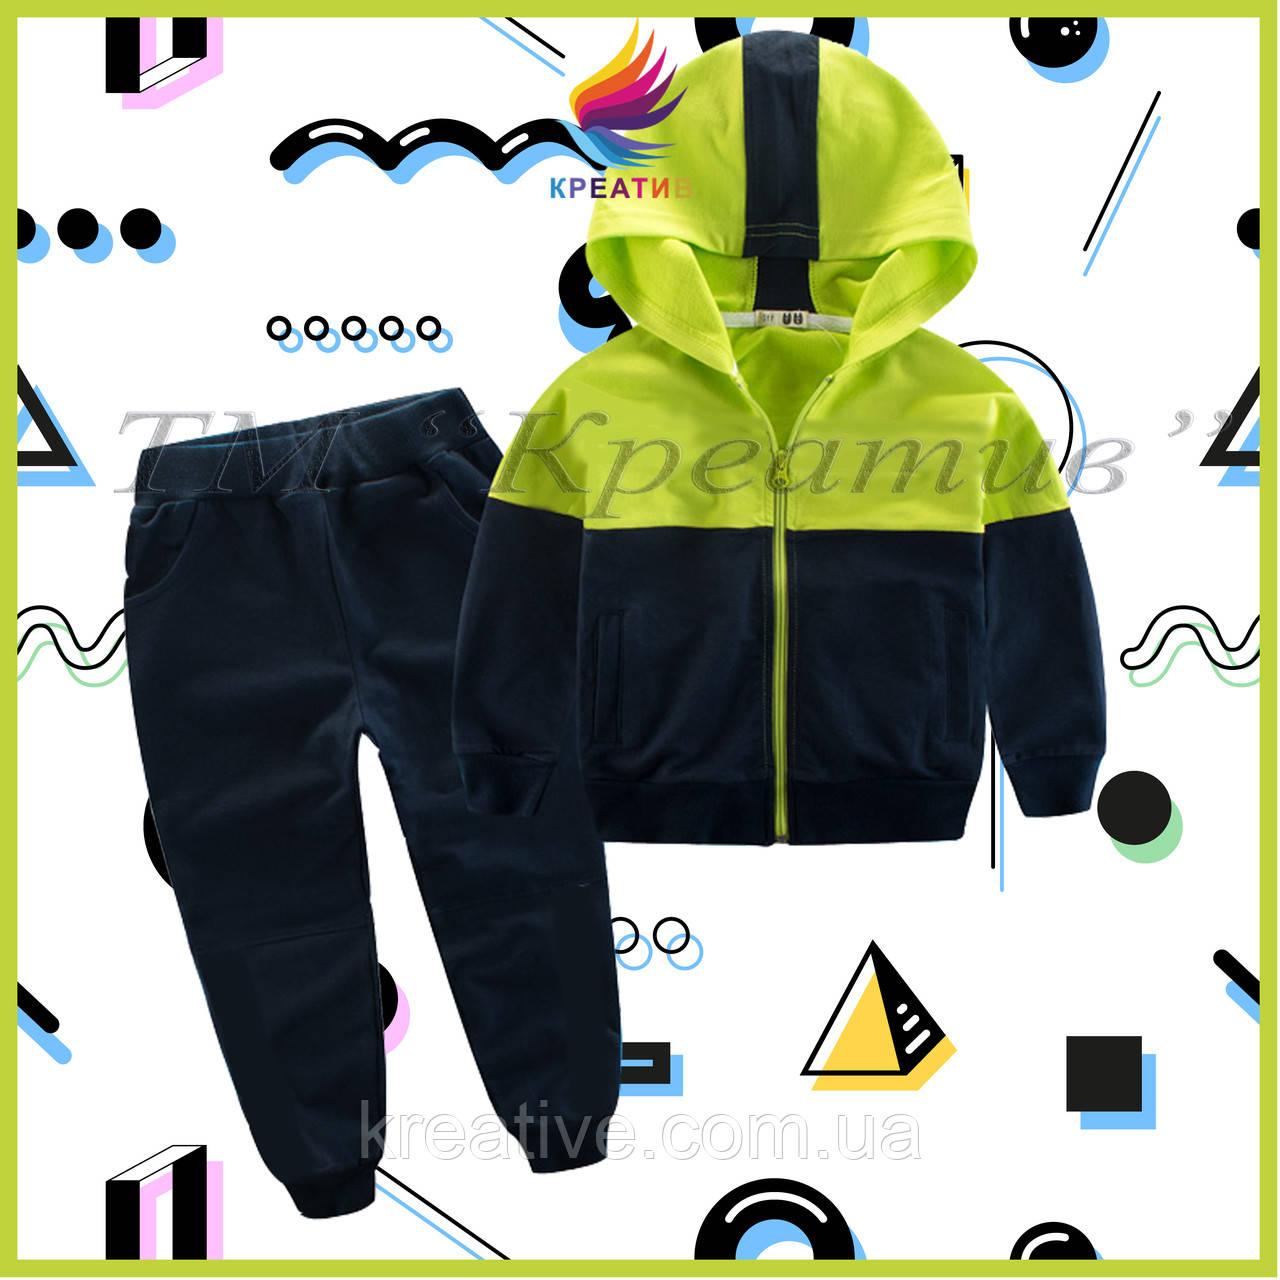 Детские флисовые костюмы спортивные оптом (под заказ от 50 шт) с НДС ... 0a6da8908ba